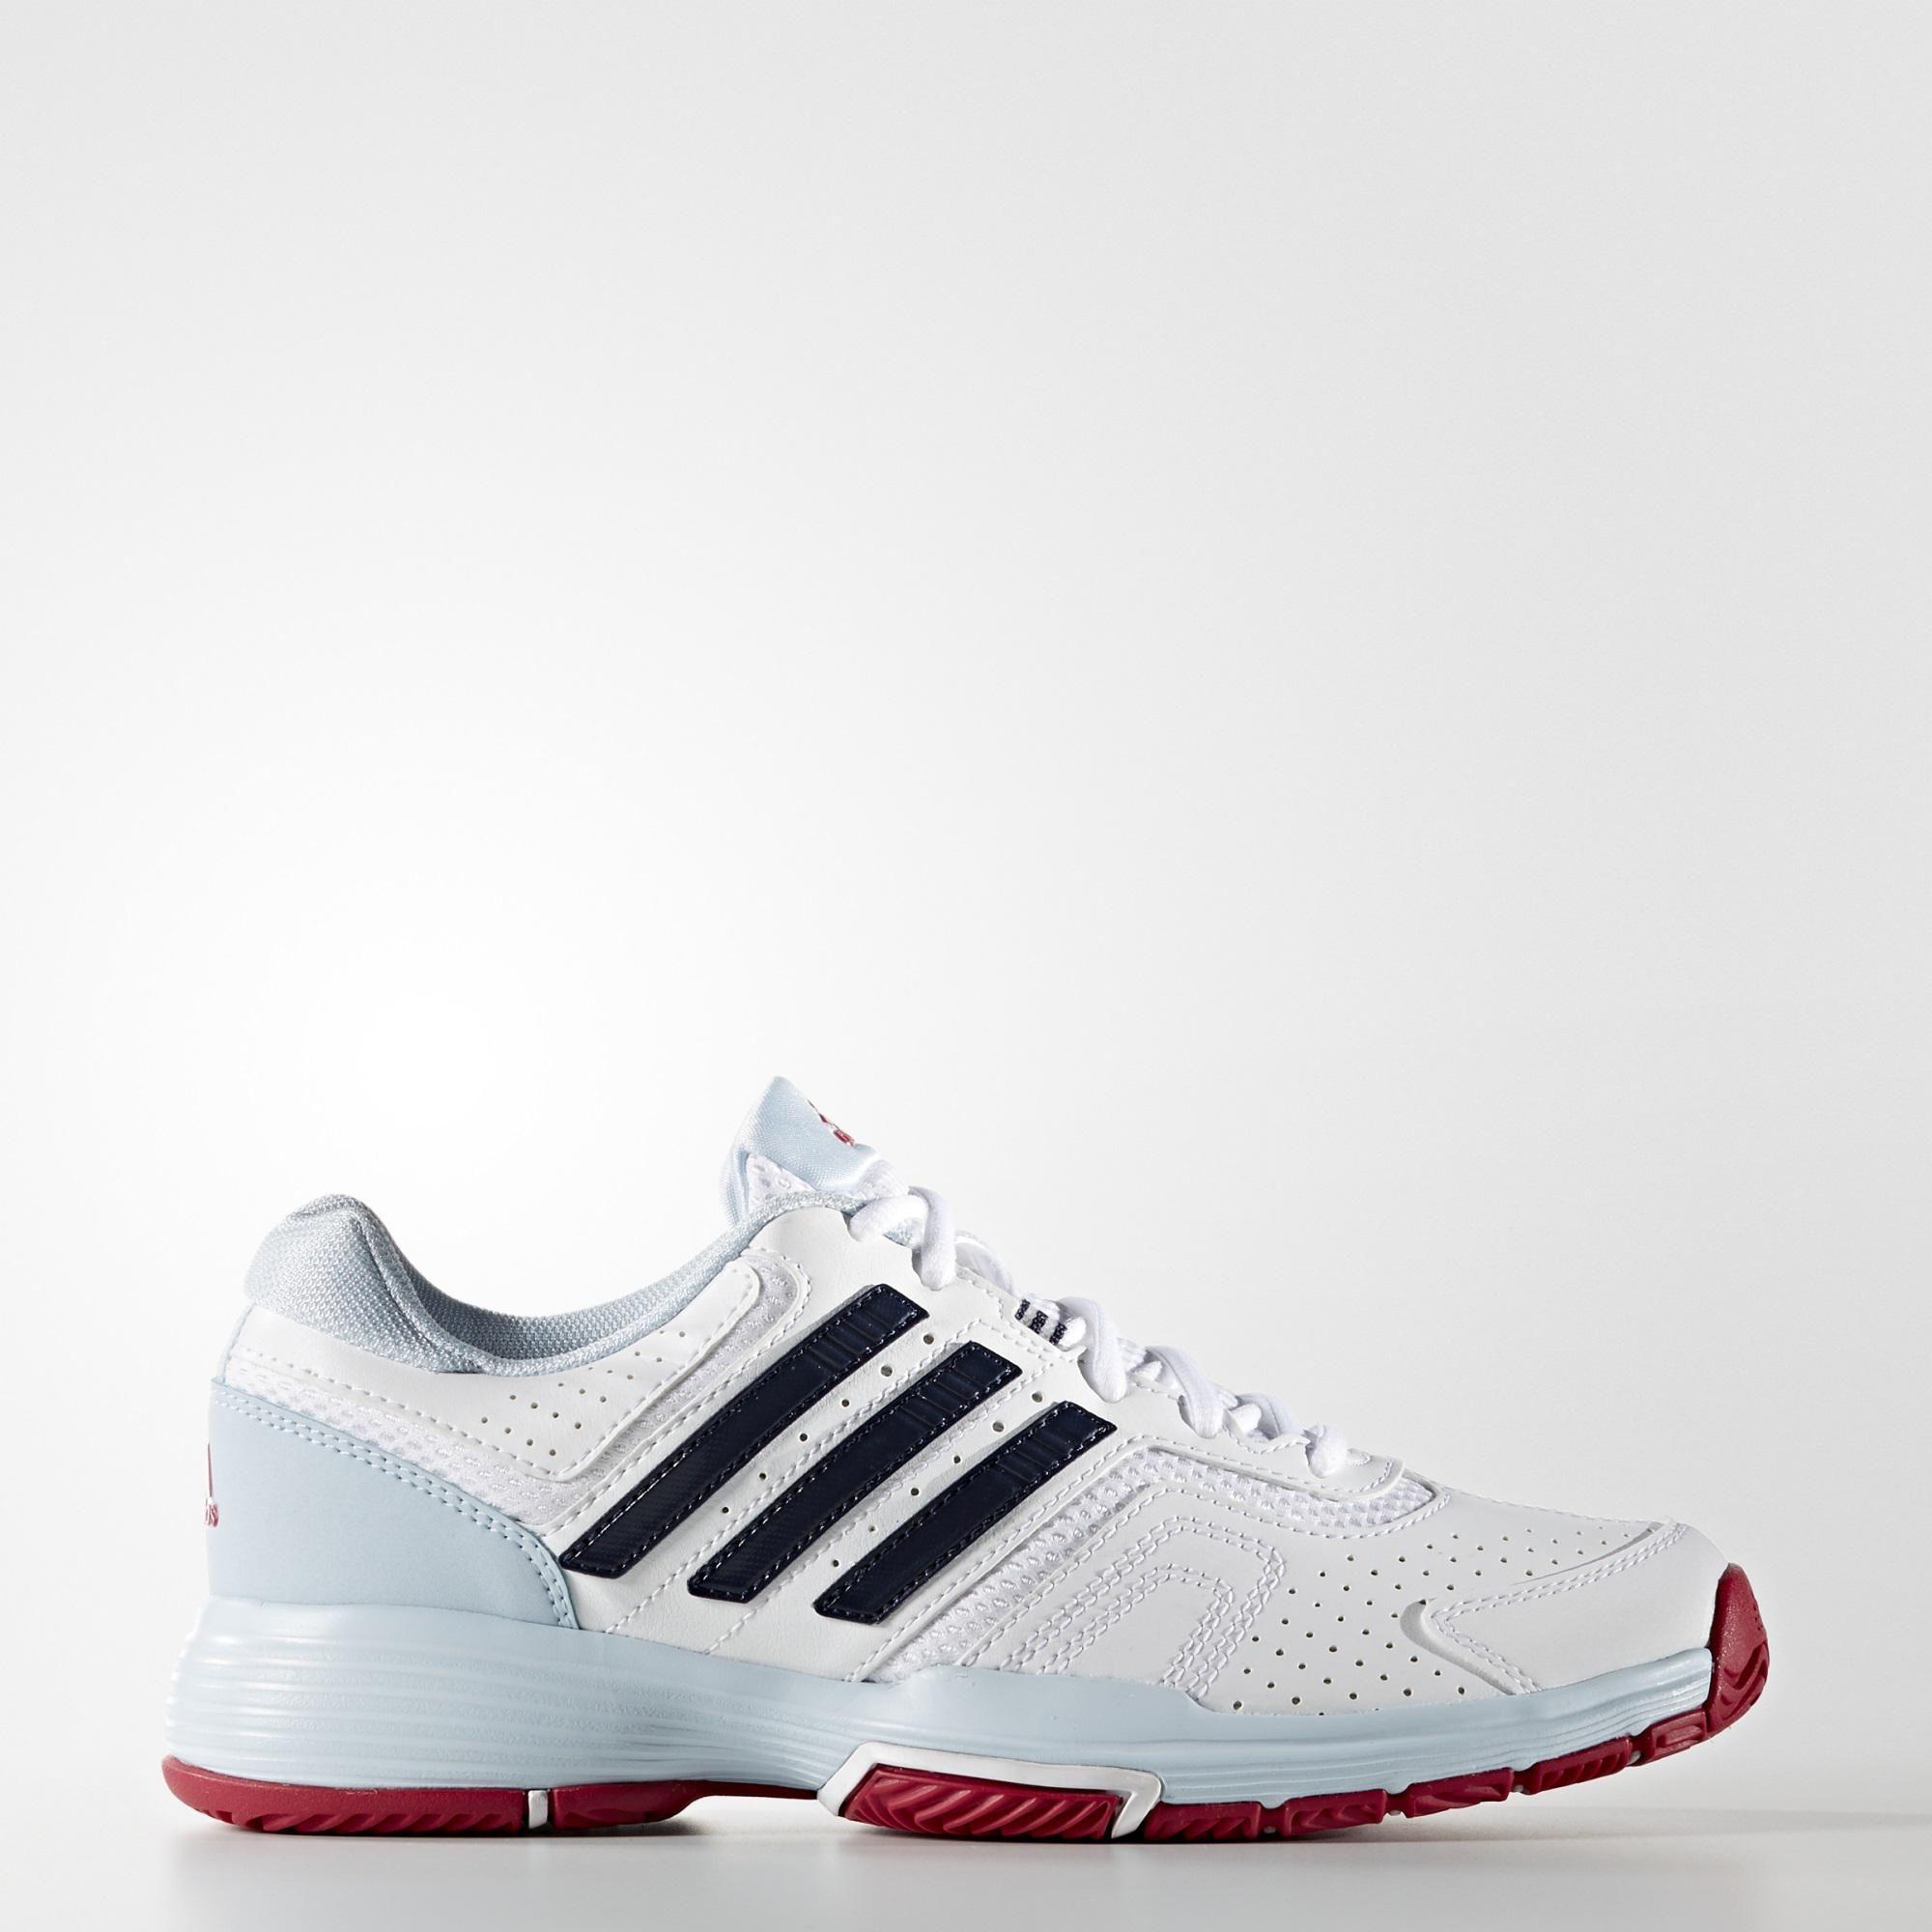 innovative design e69b5 23595 Adidas Womens Barricade Court 2.0 Tennis Shoes - White - Tennisnuts.com